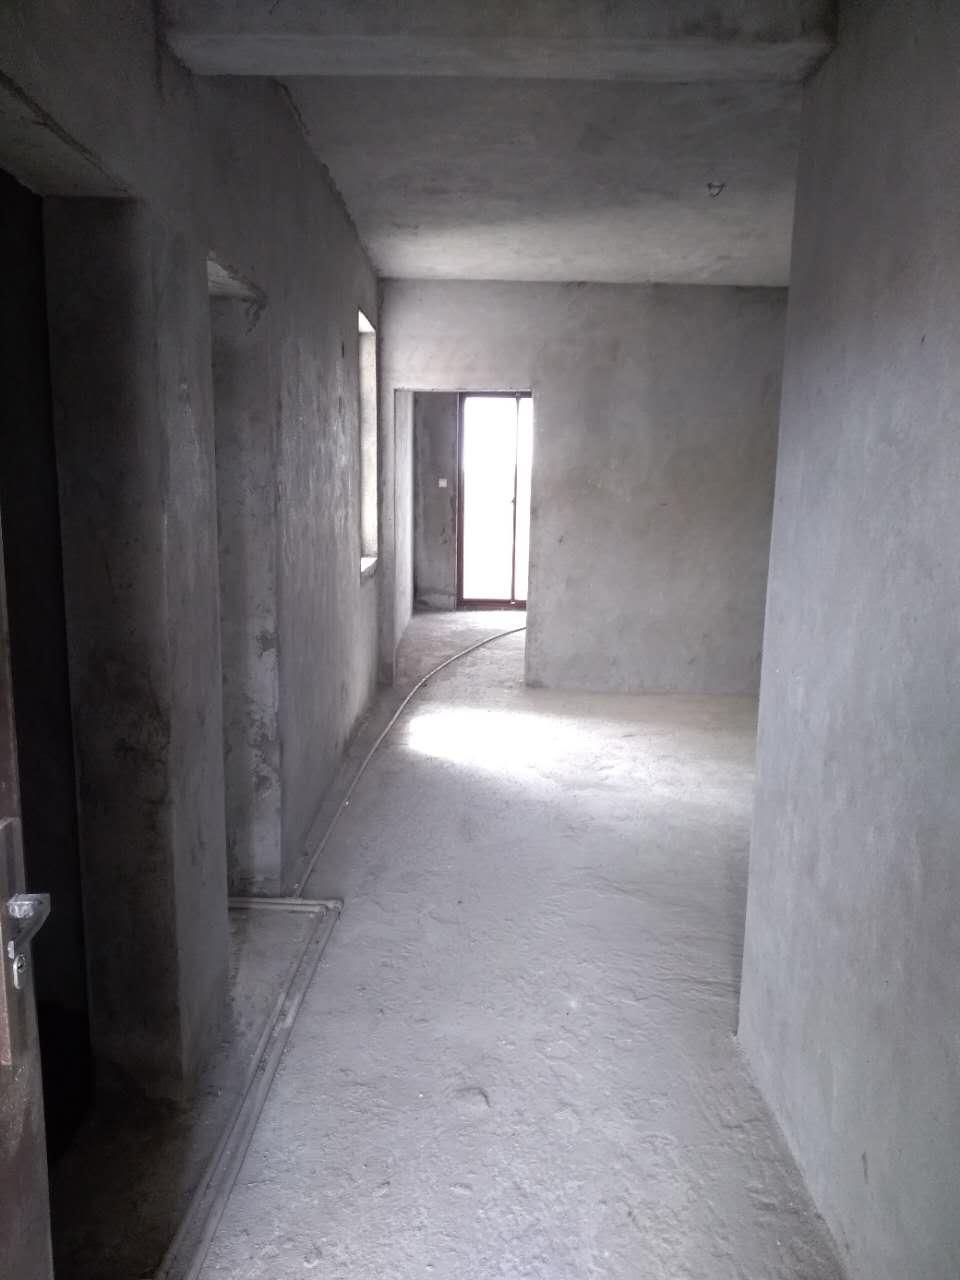 伊比亚1室1厅1卫56万元